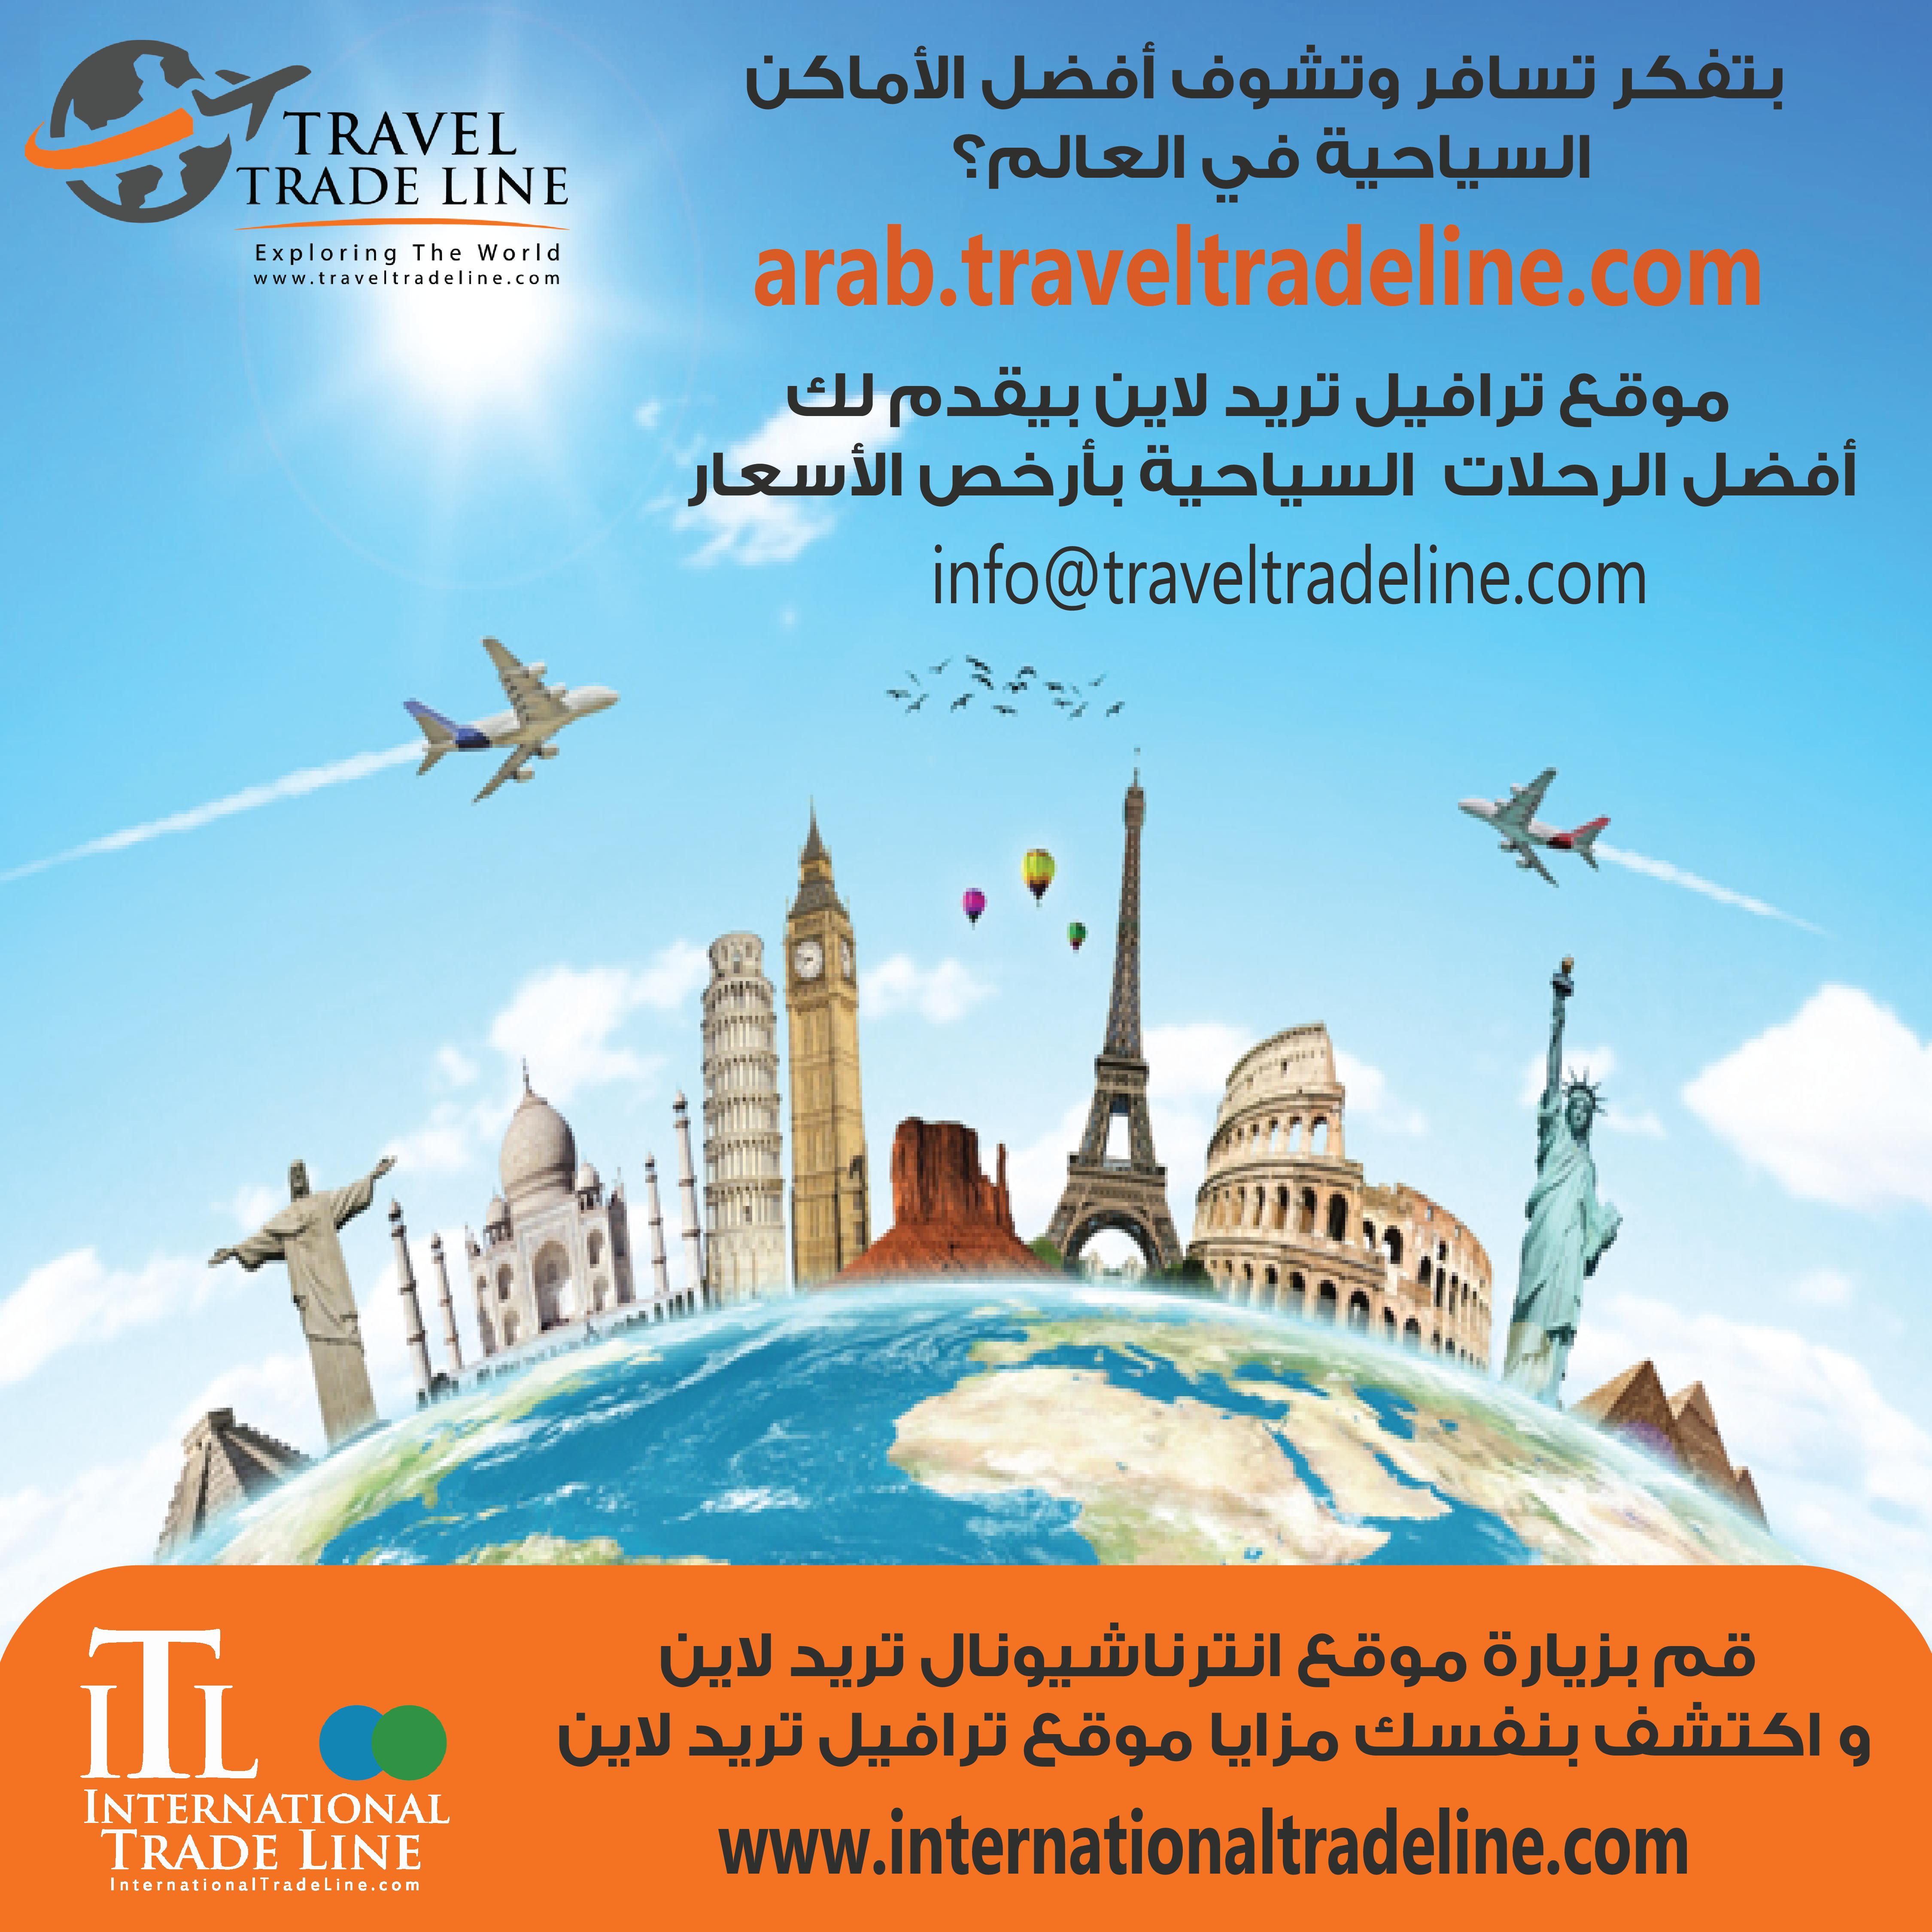 بتفكر تسافر وتشوف أفضل الأماكن السياحية في العالم ترافيل تريد لاين بيقدم لك أفضل الرحلات السياحية اللي من خلالها تقدر تروح لأي مكان تحبه Travel World Explore